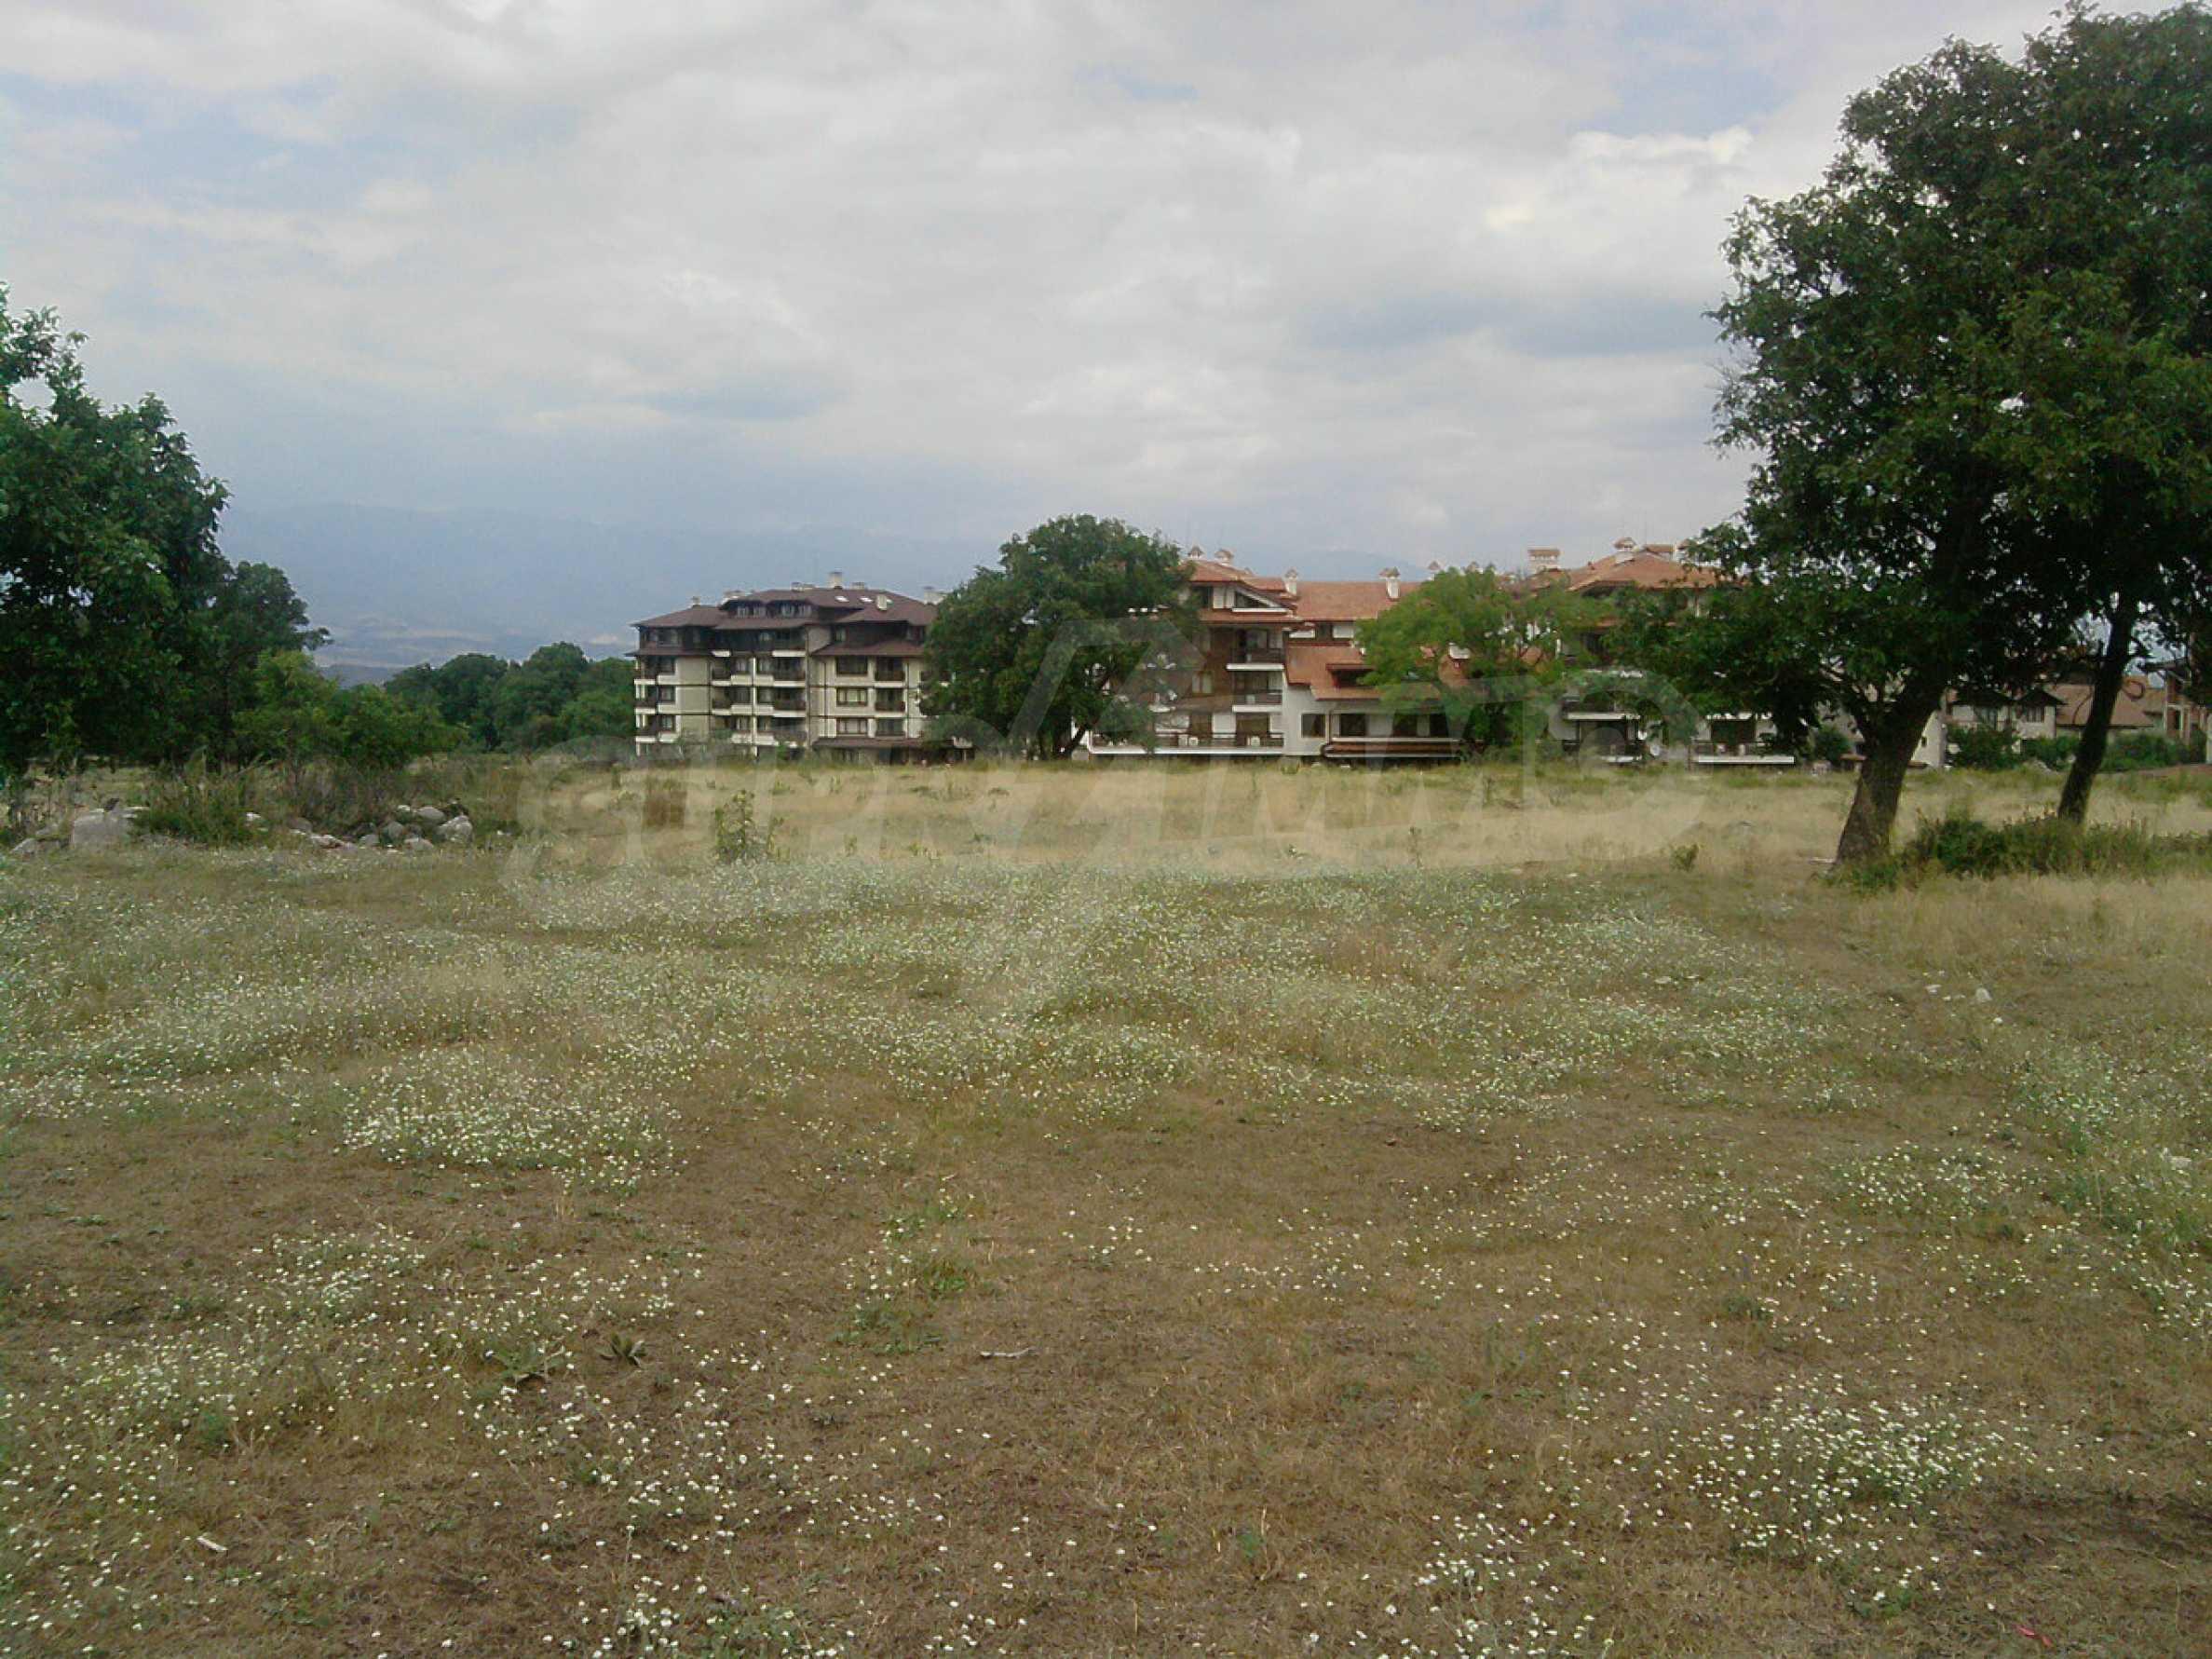 Baugrundstück 400 m vom Kabinenlift in Bansko entfernt 4